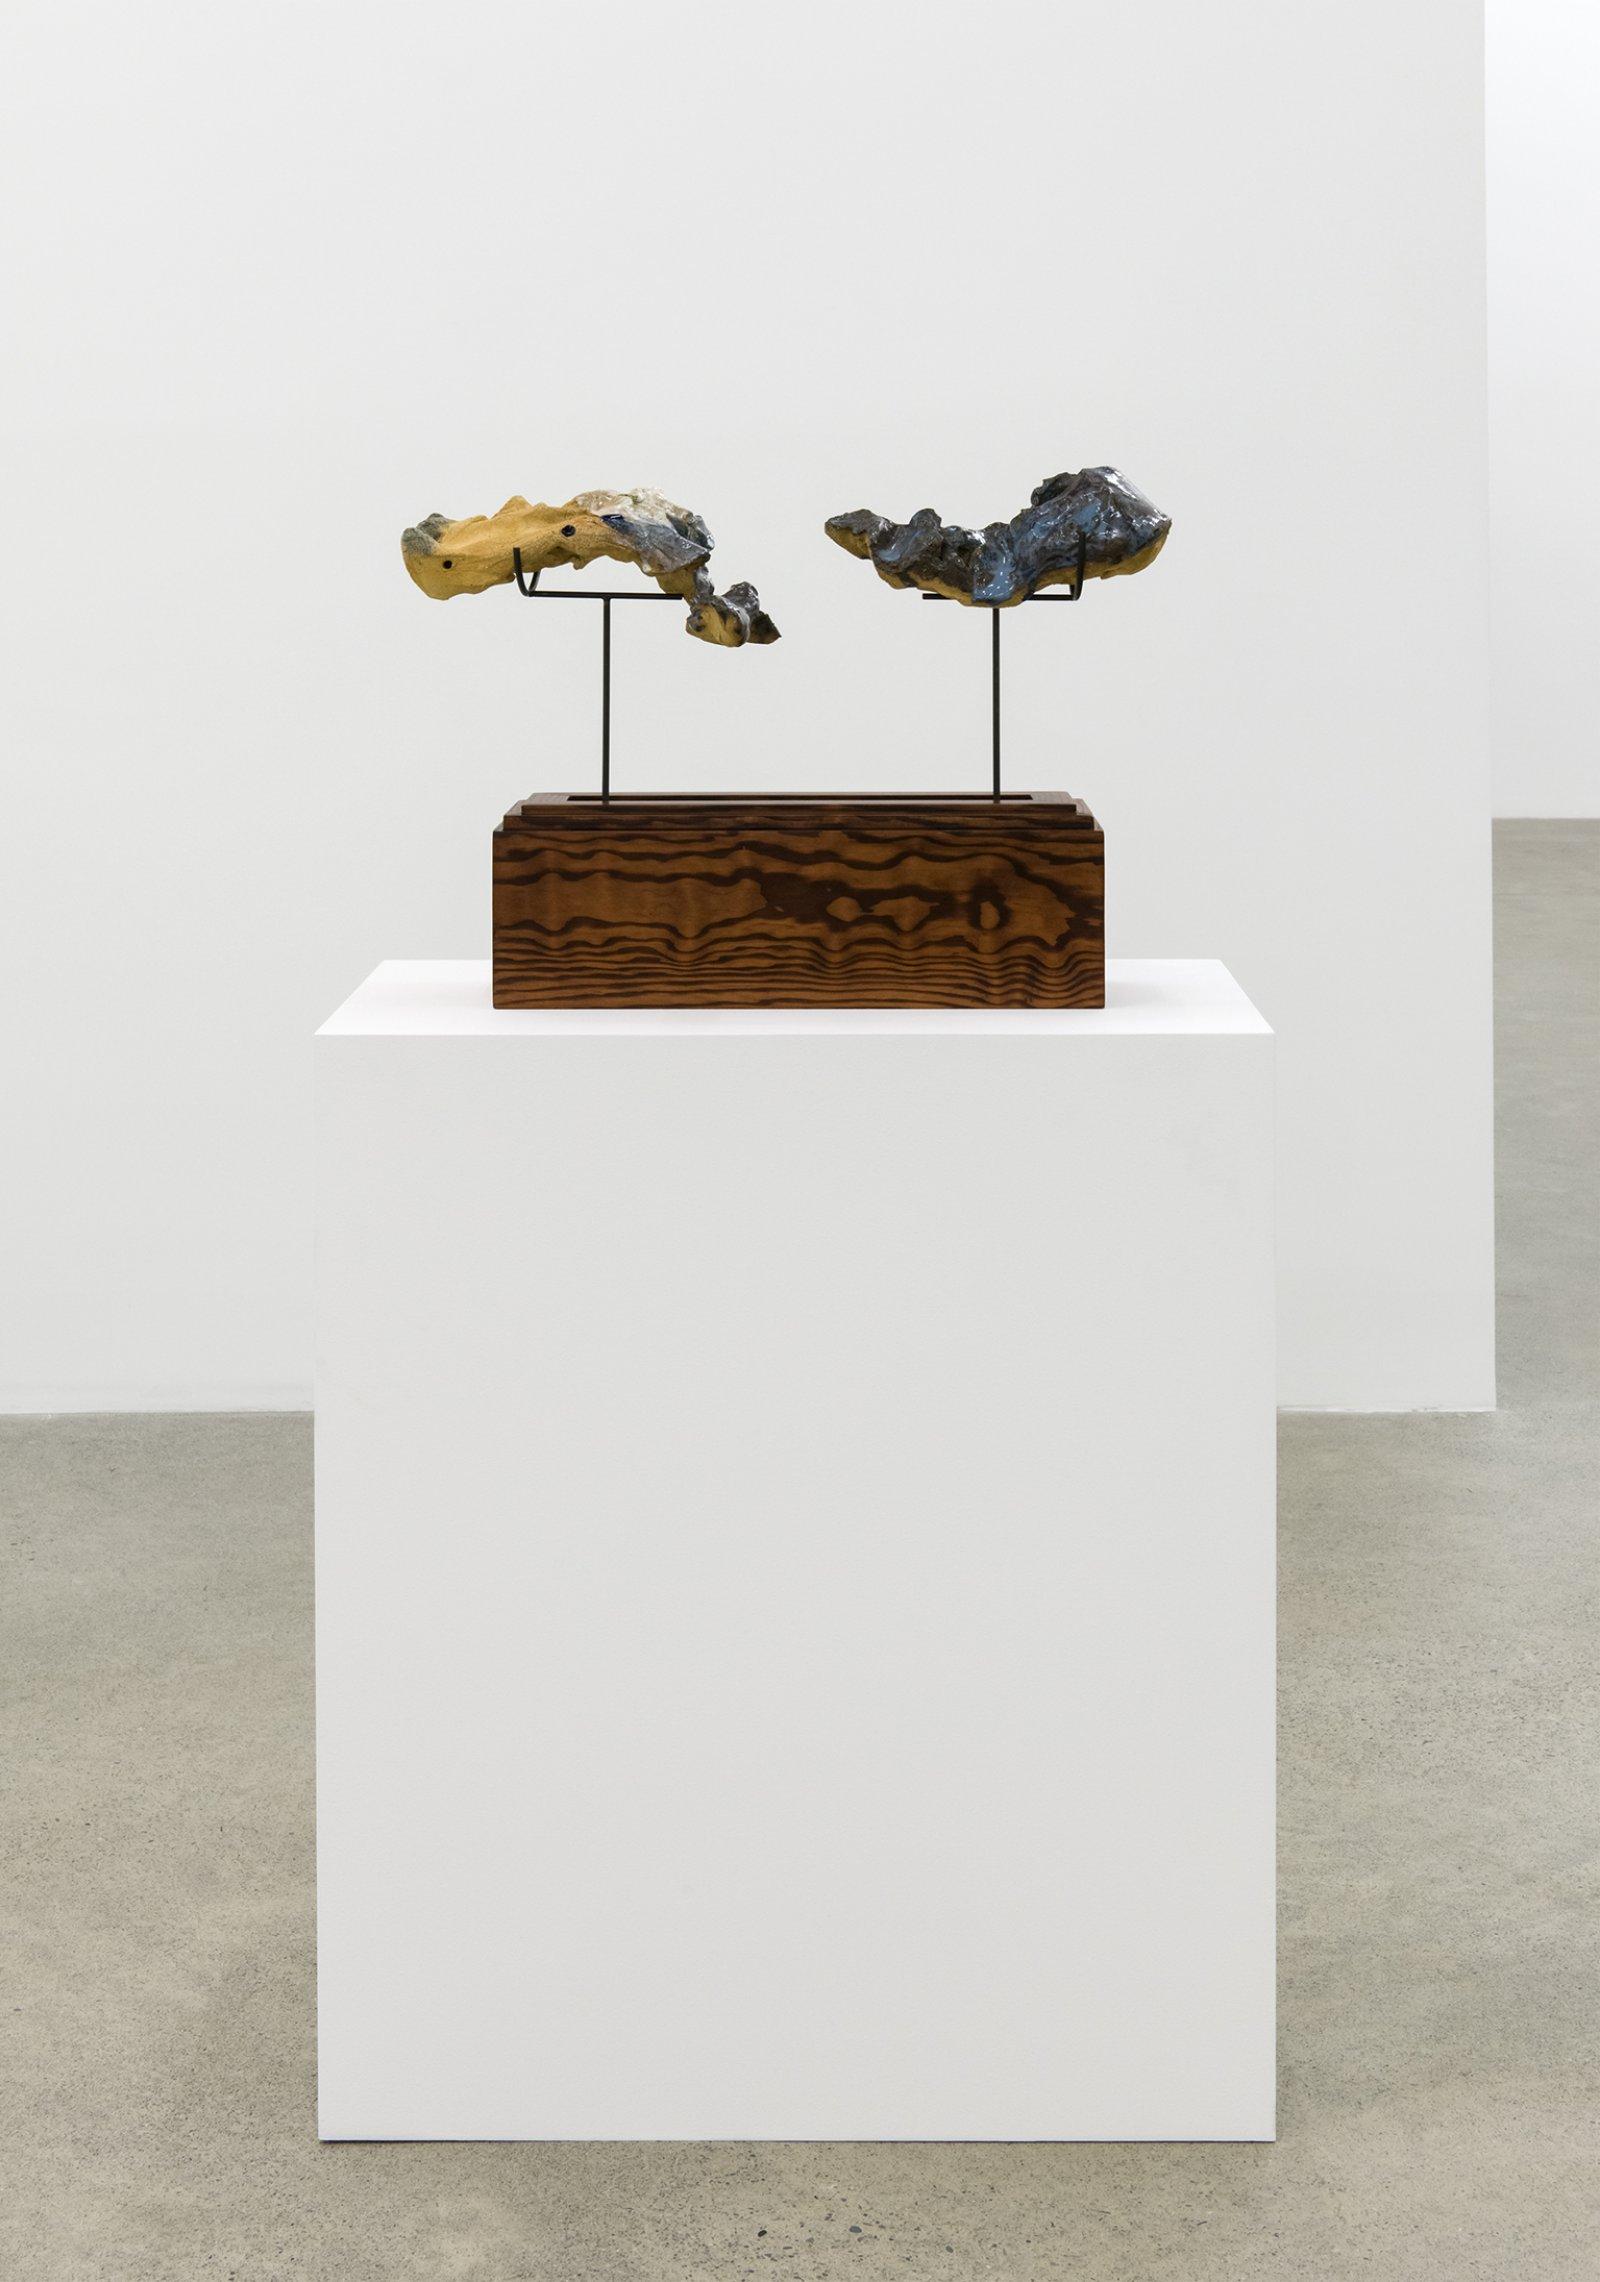 Damian Moppett, Figure in Two, 2016, glazed stoneware, wood, steel, 15 x 20 x 6 in. (39 x 51 x 16 cm) by Damian Moppett